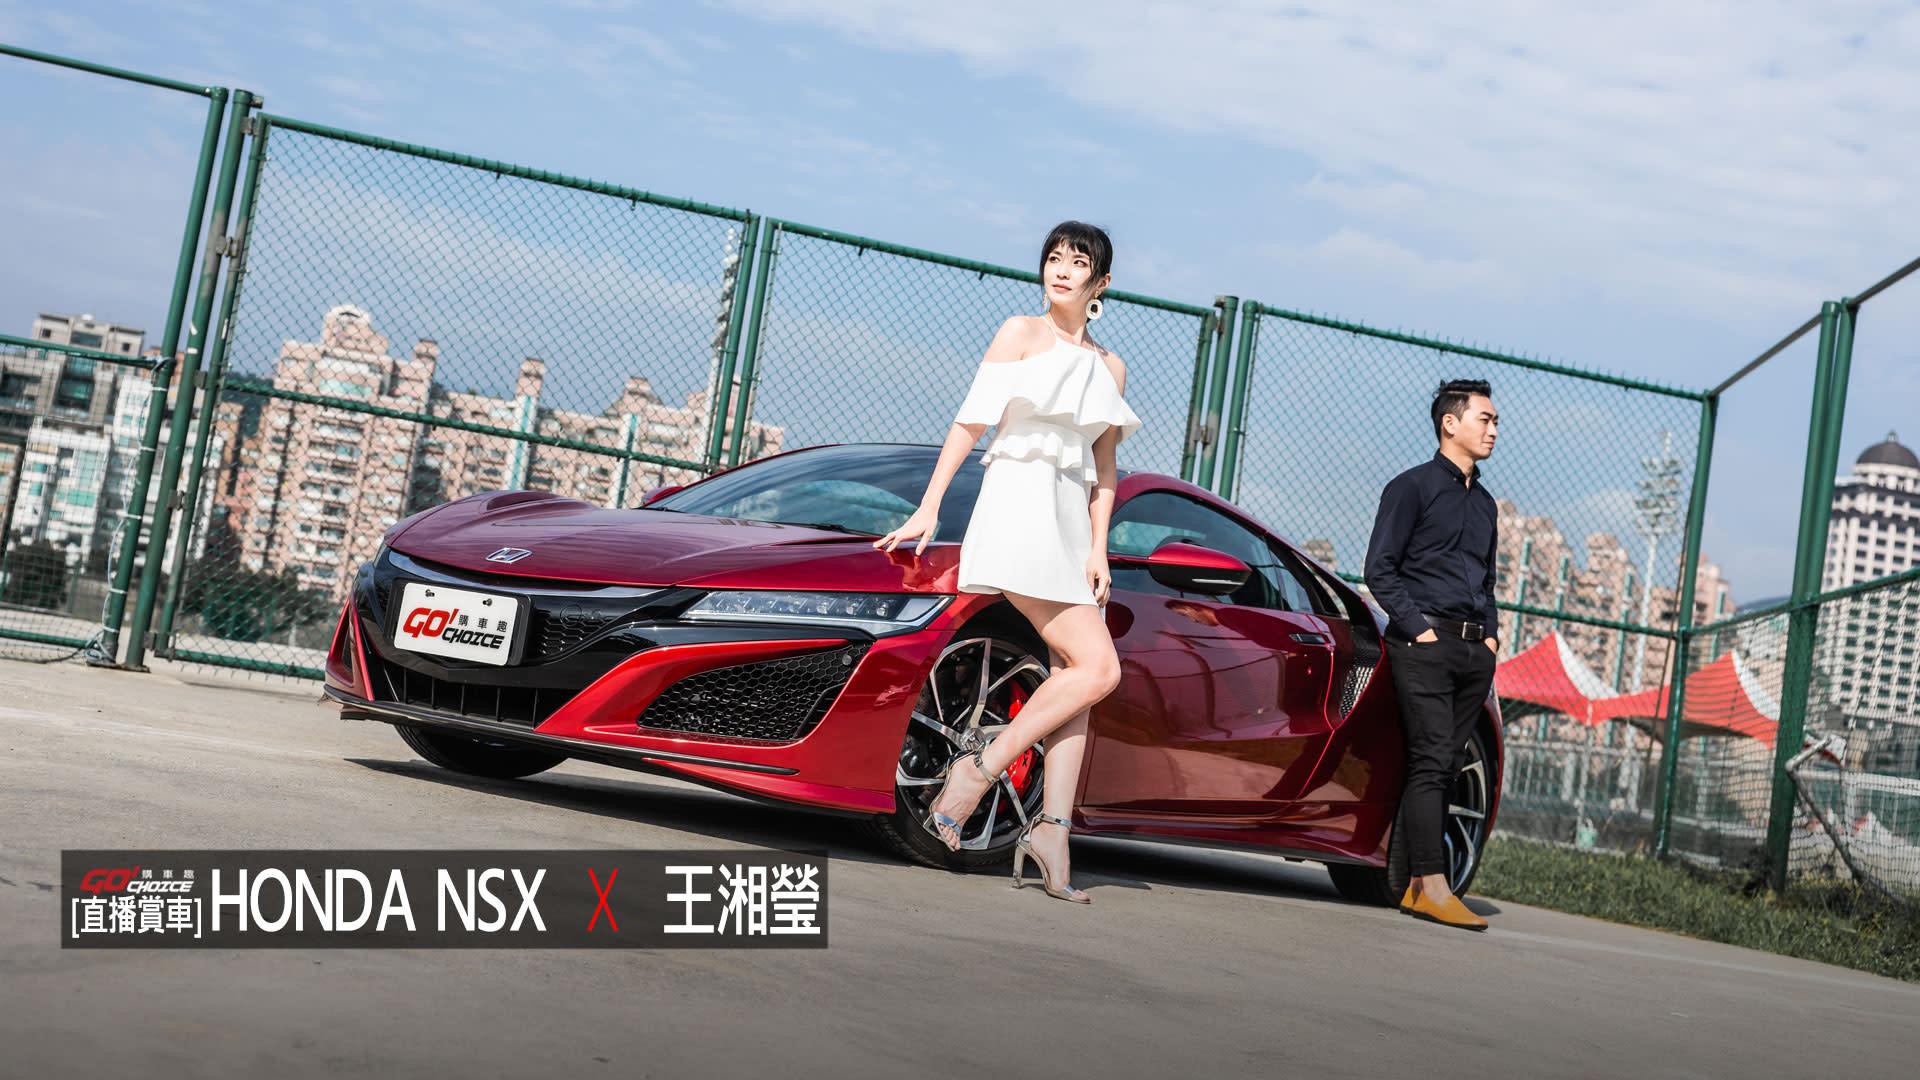 [直播賞車]Honda NSX_藝人 王湘瑩